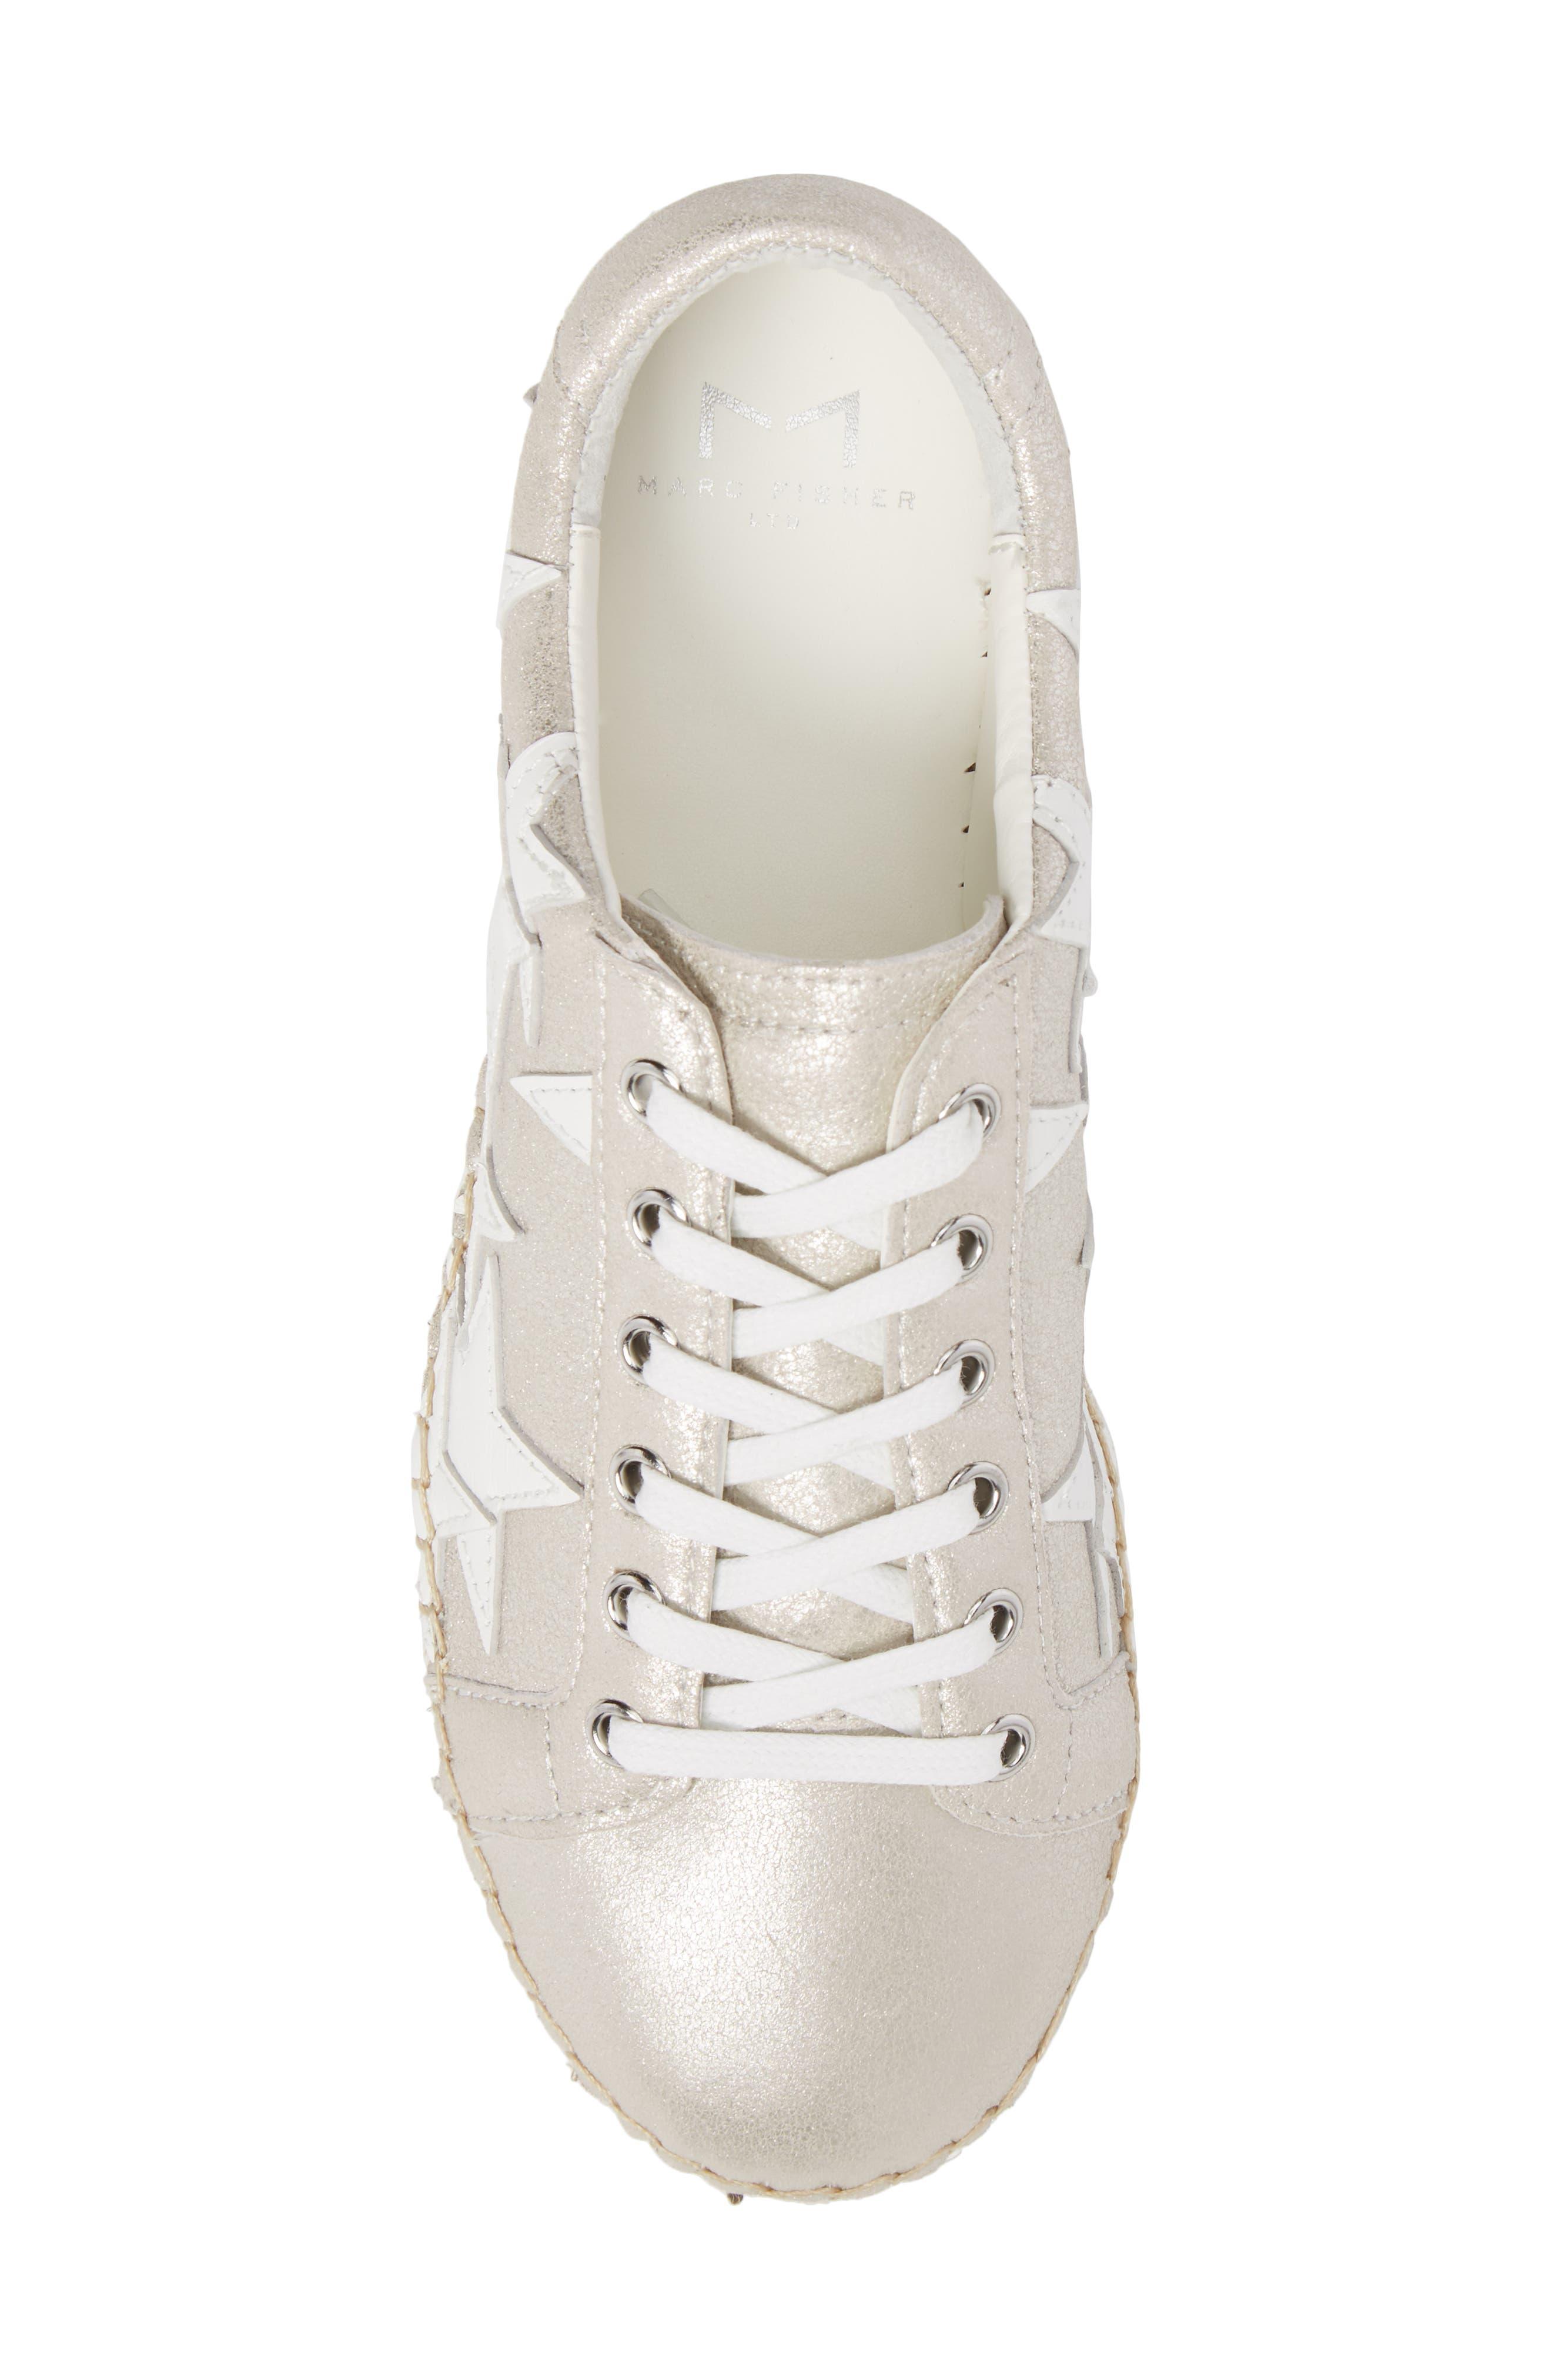 Maevel Espadrille Sneaker,                             Alternate thumbnail 15, color,